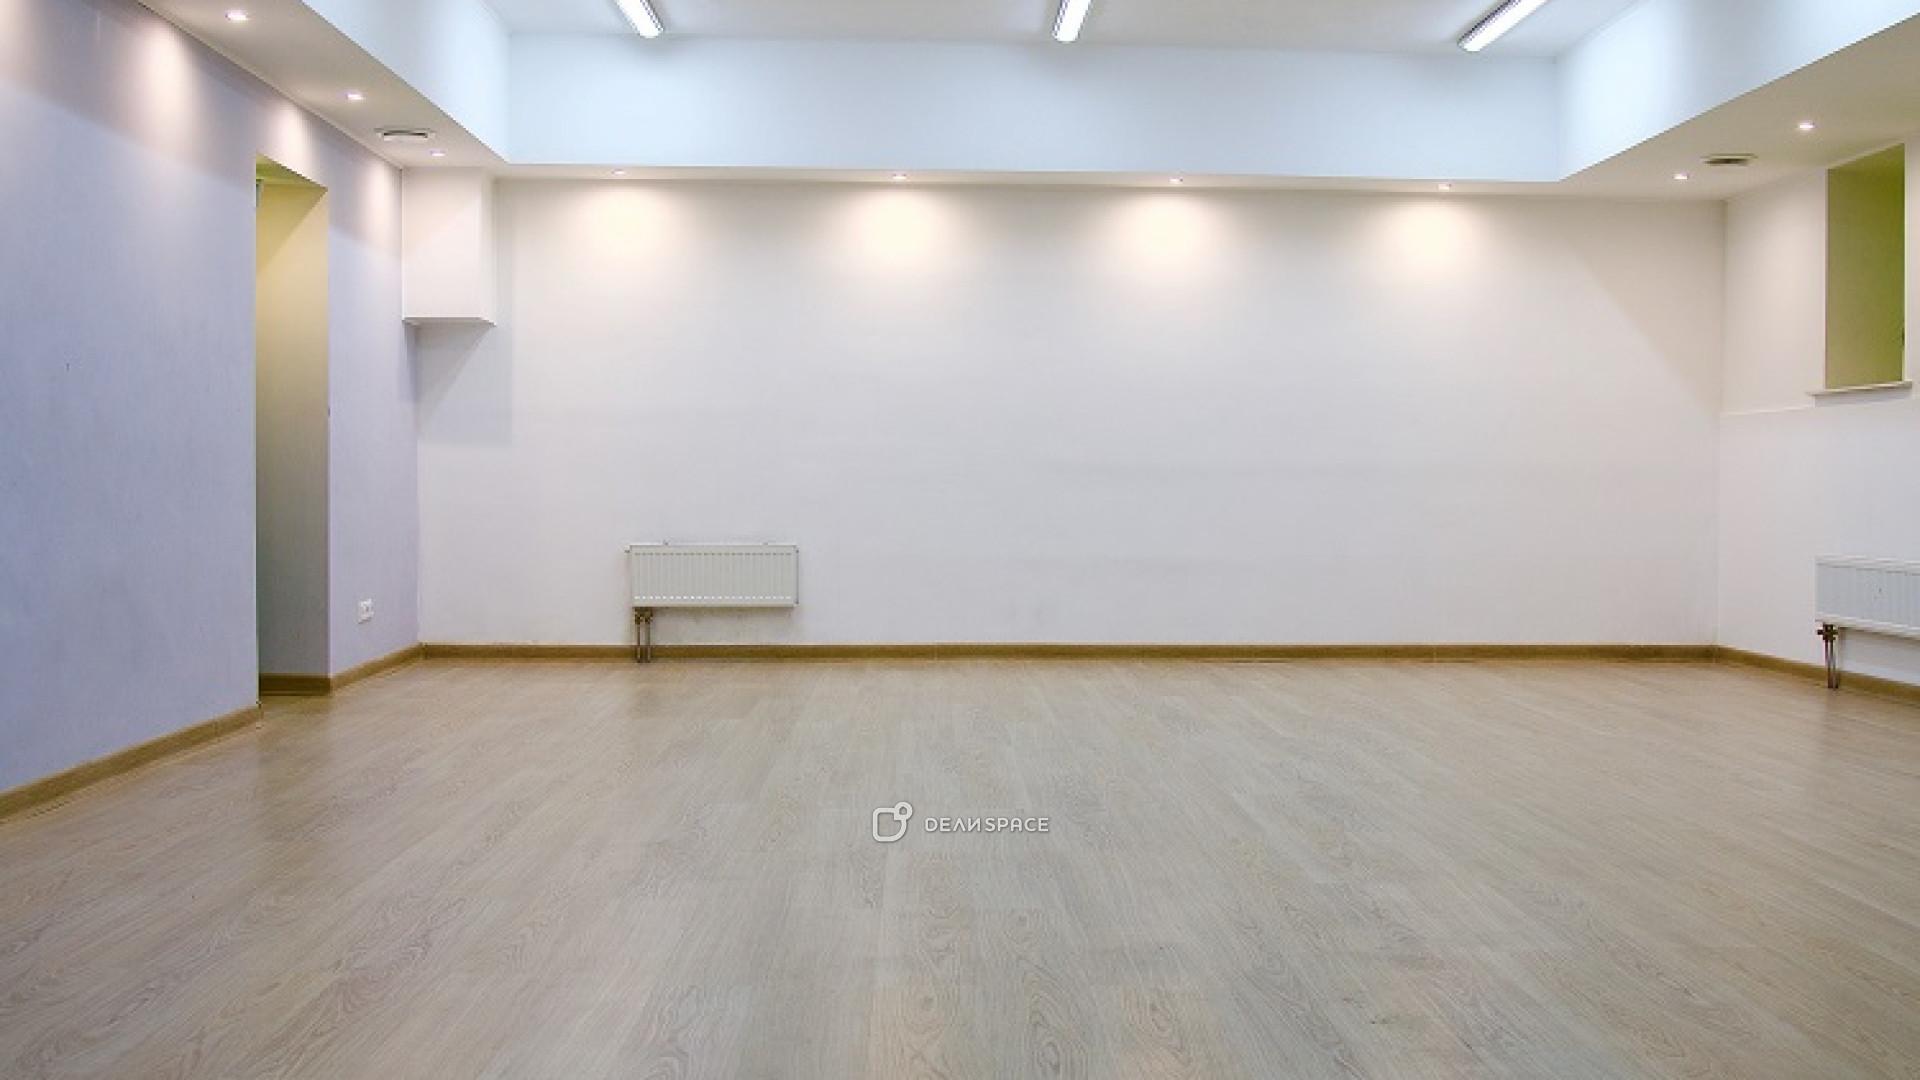 Зал для занятий спортом, боевыми искусствами, йогой, медитацией, подвижными практиками - фото №3